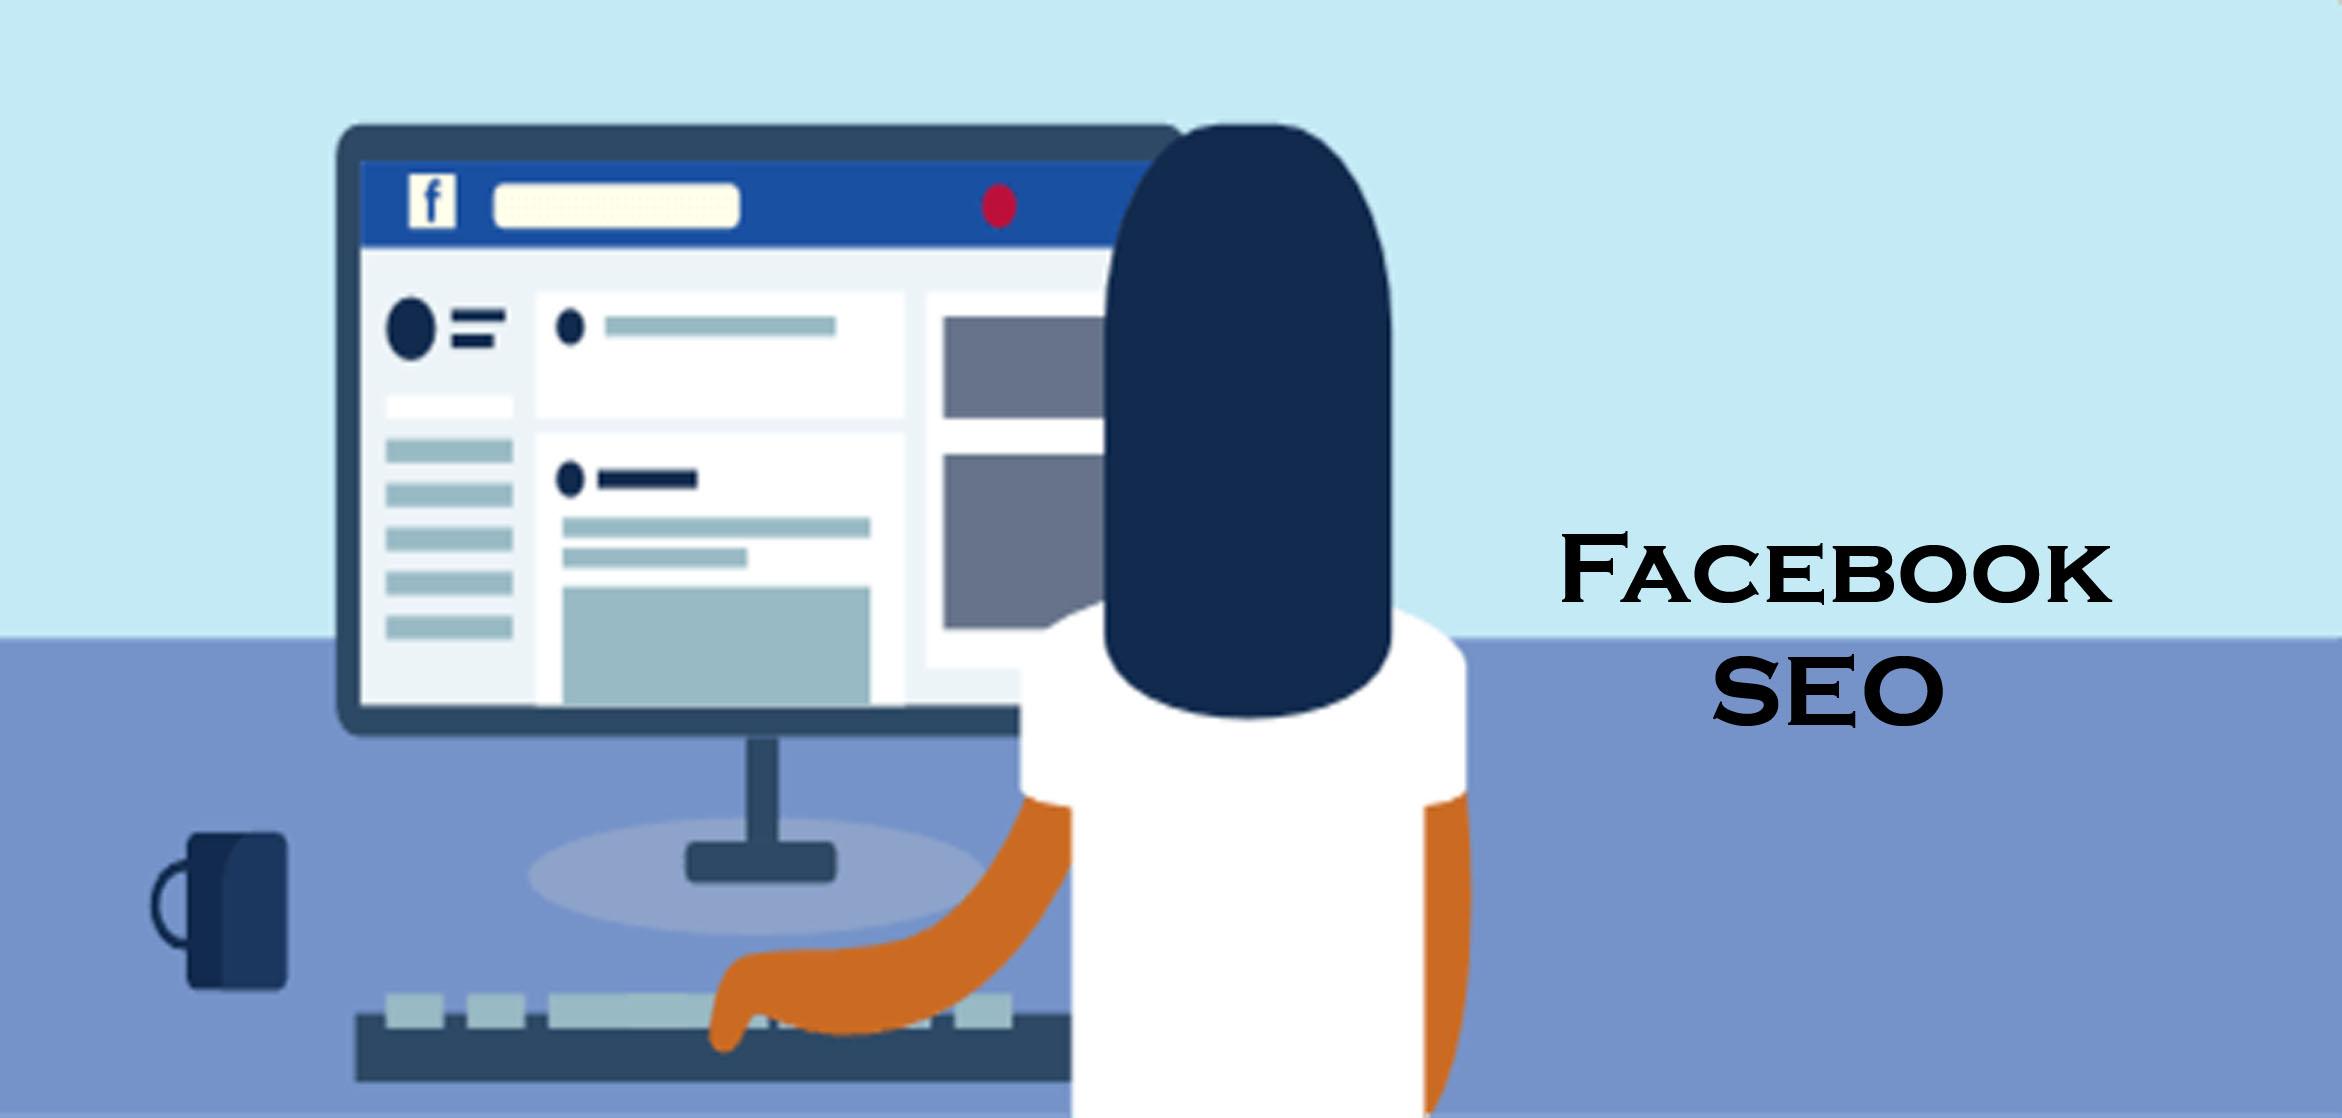 Facebook SEO – Facebook SEO Marketing